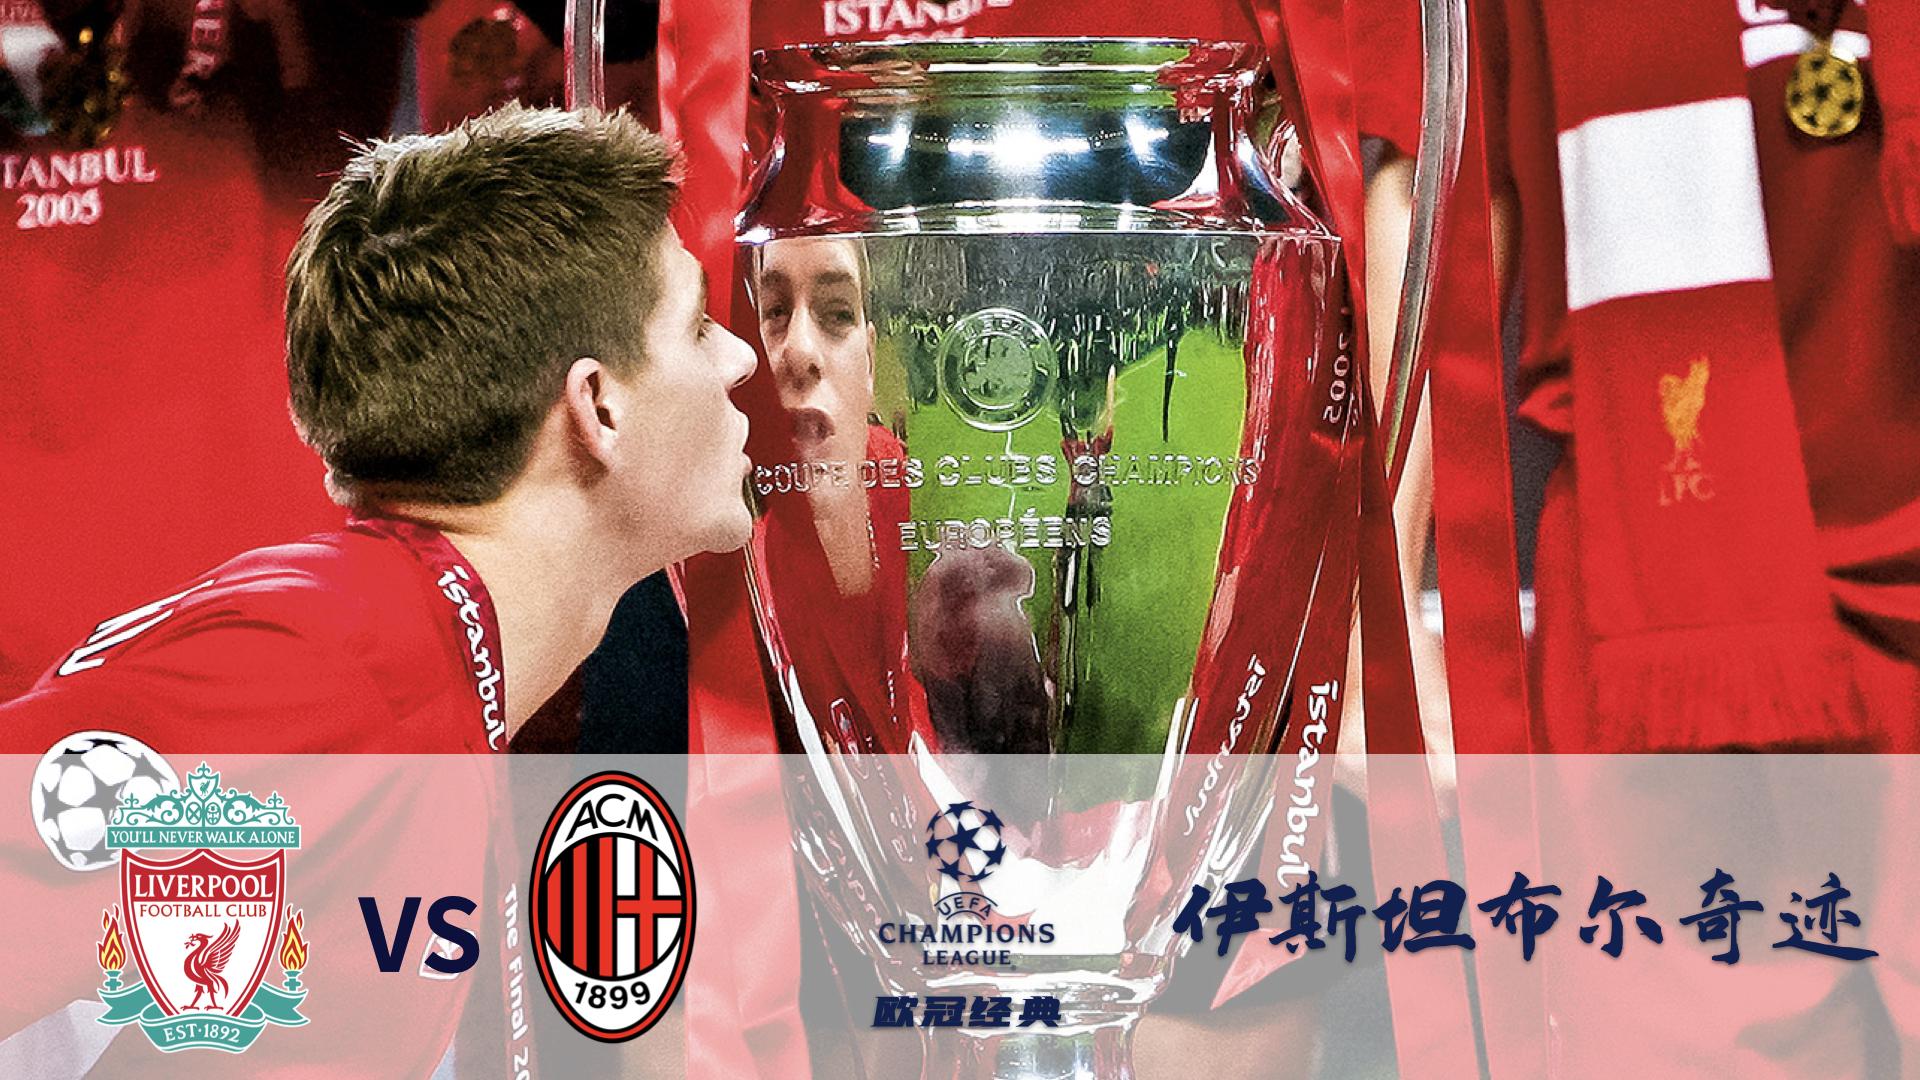 利物浦是冠军!梦回2005年,再次回顾伊斯坦布尔奇迹  足球话题区